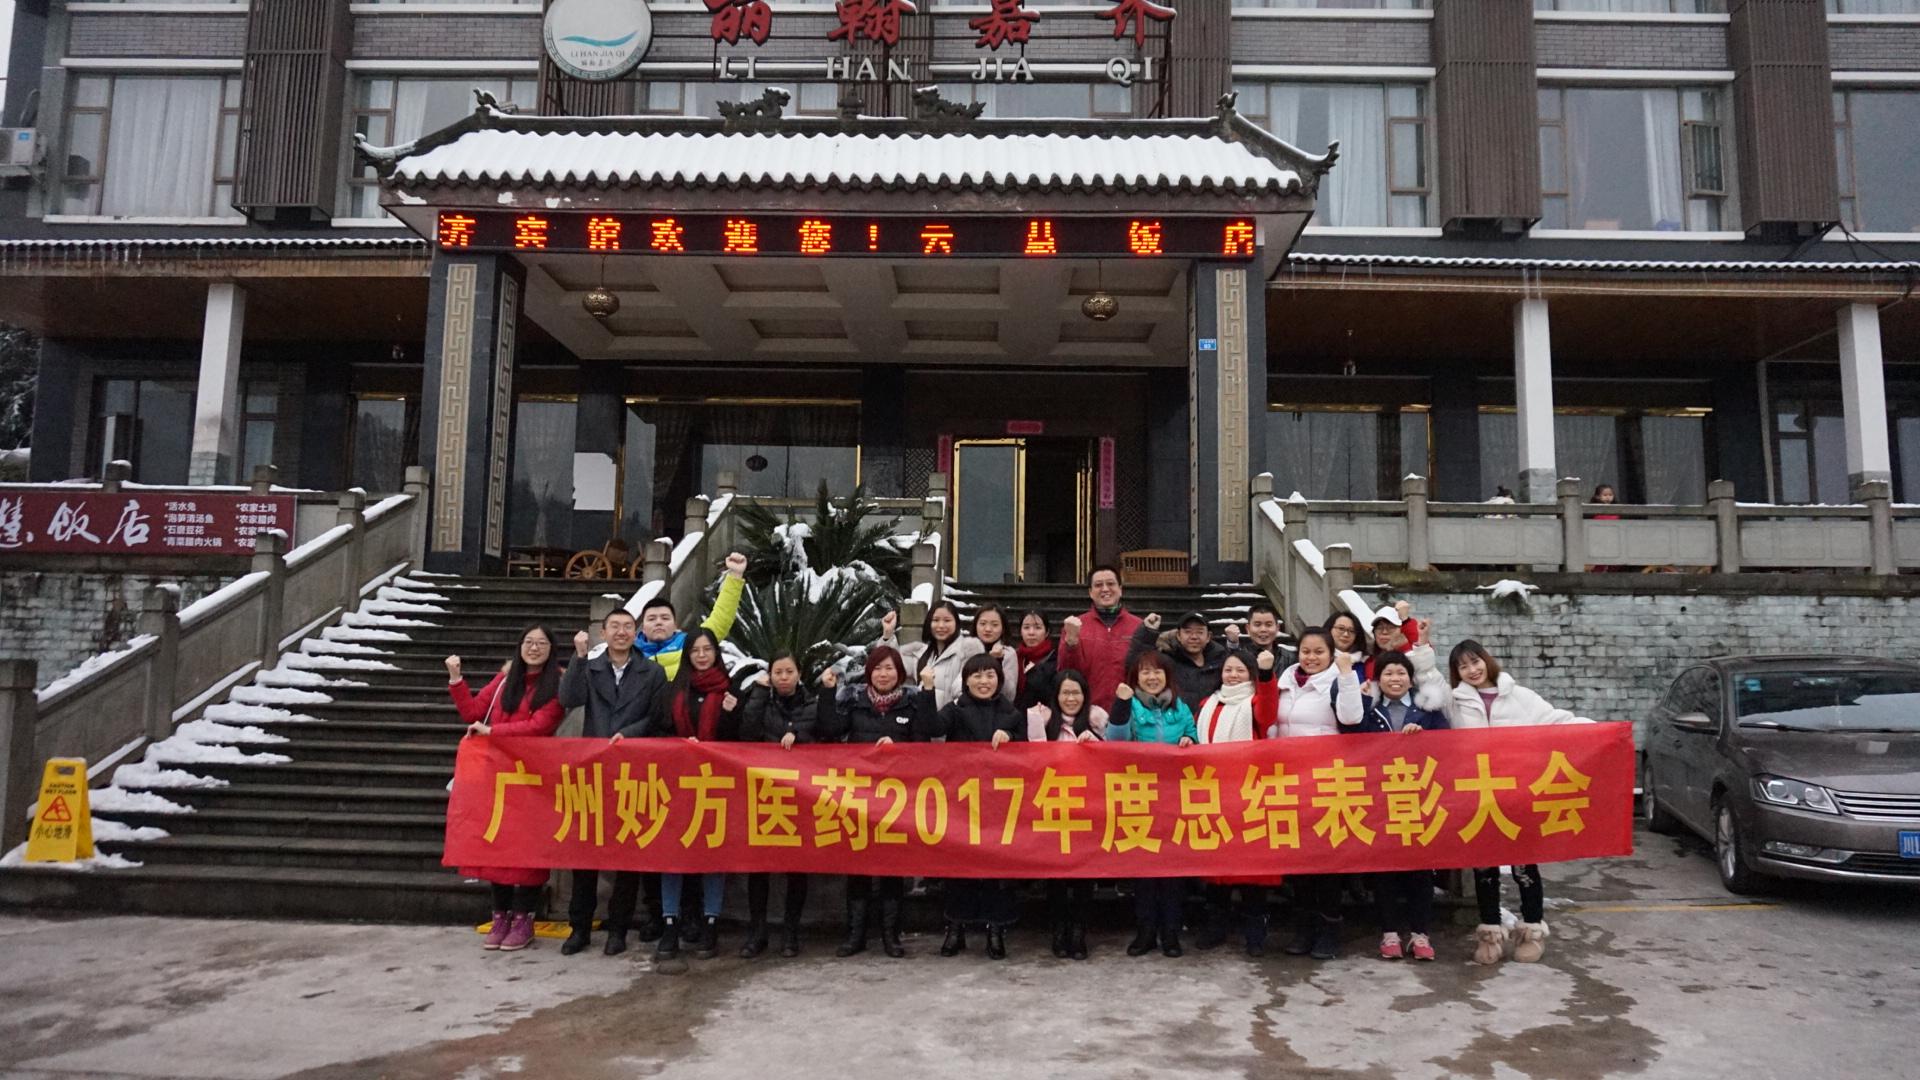 2017年会-四川峨眉山